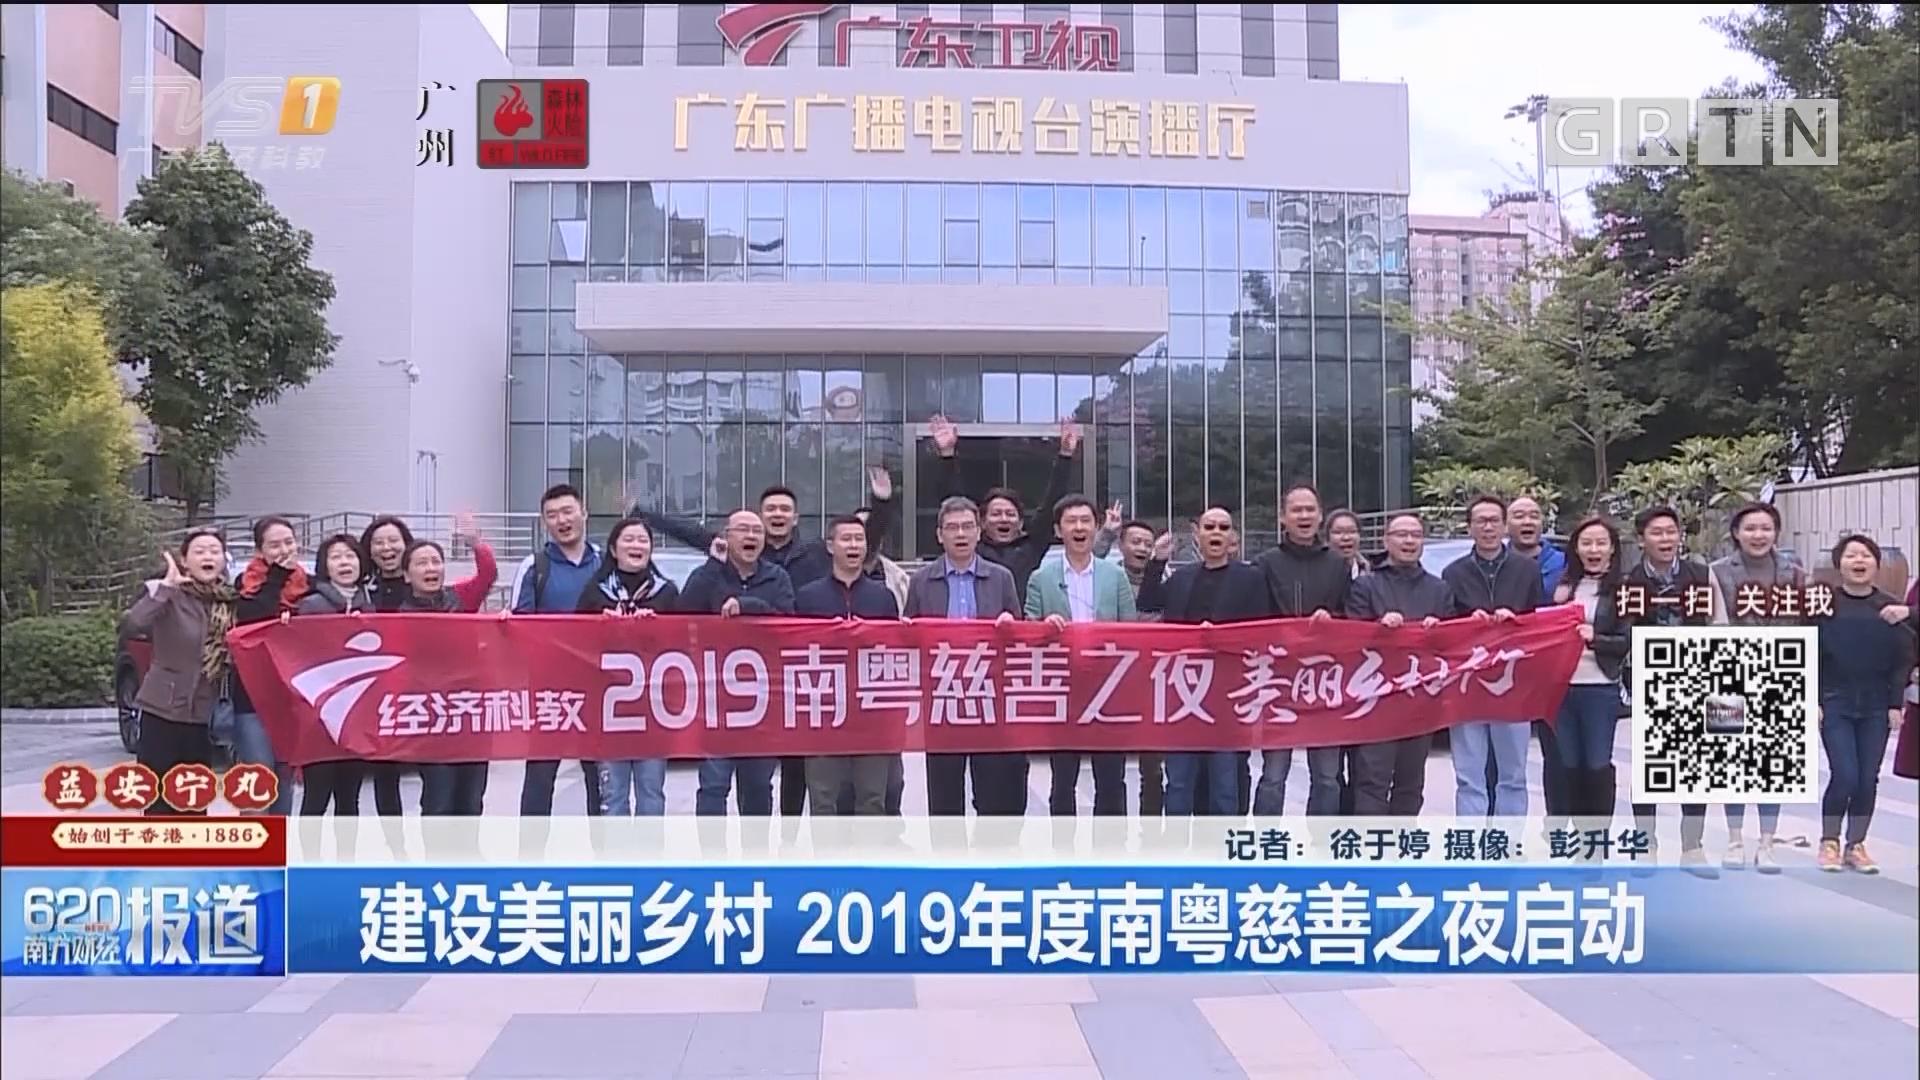 建设美丽乡村 2019年度南粤慈善之夜启动